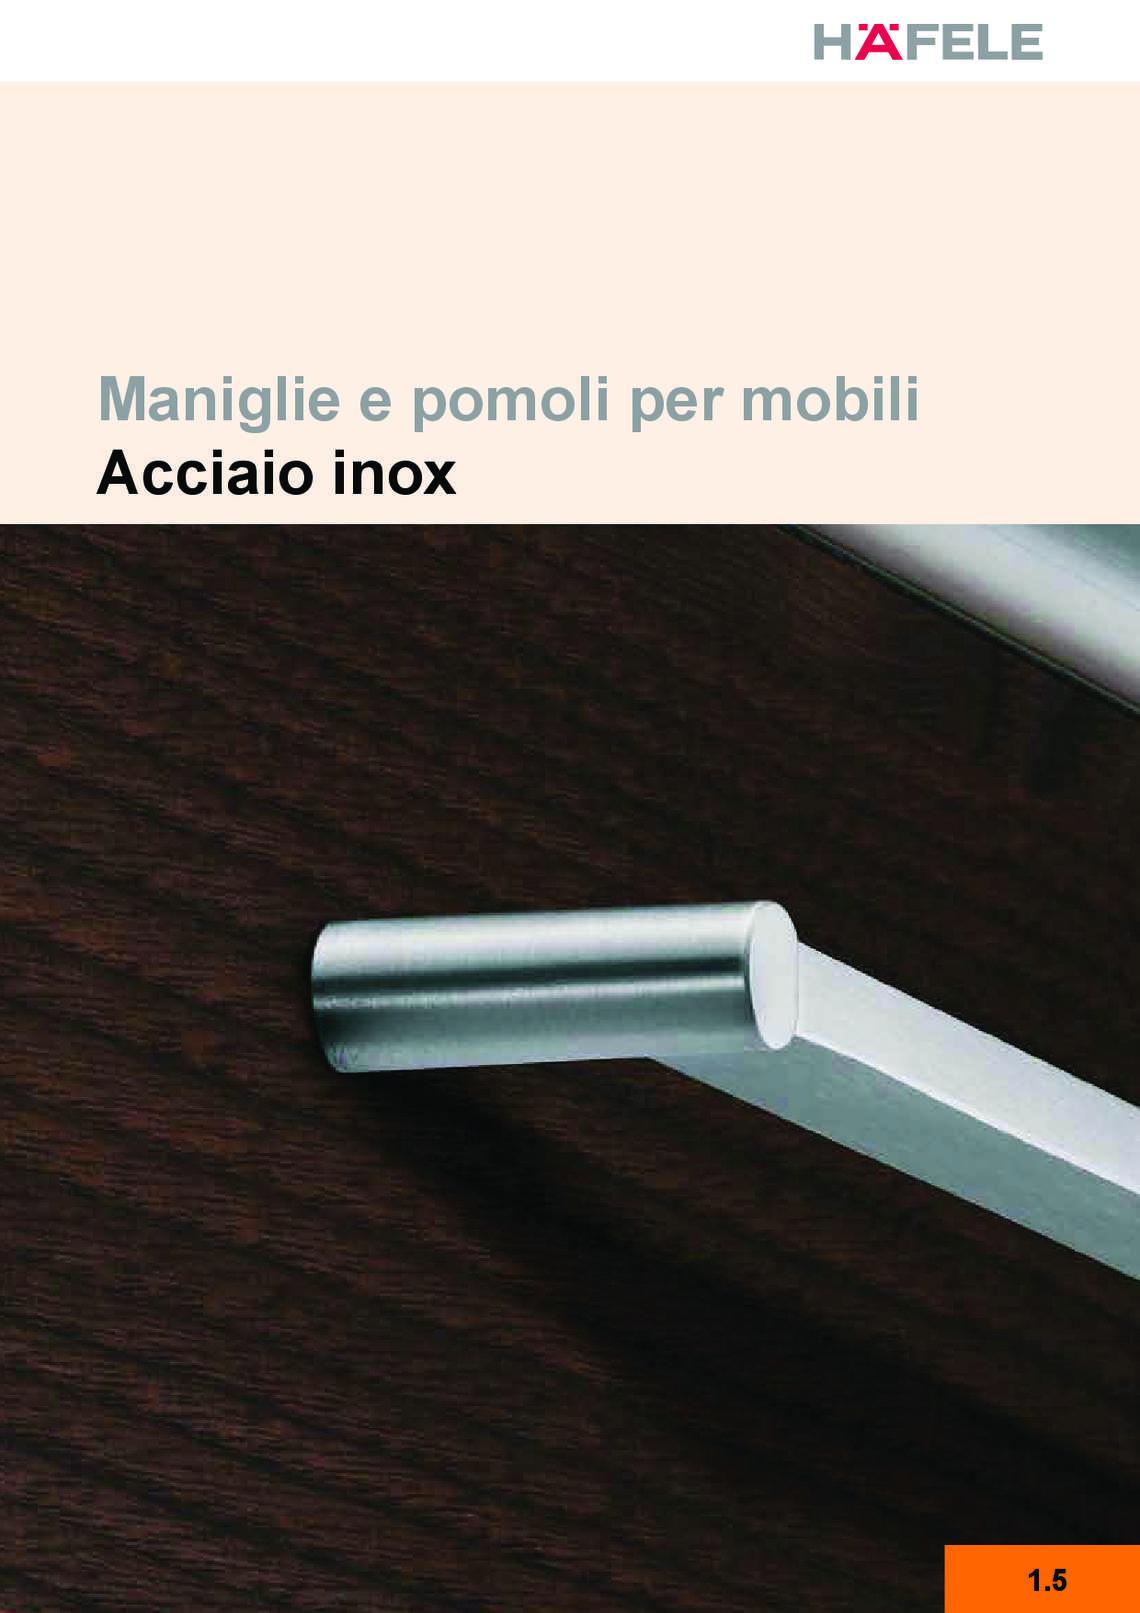 hafele-maniglie-e-pomoli_79_014.jpg